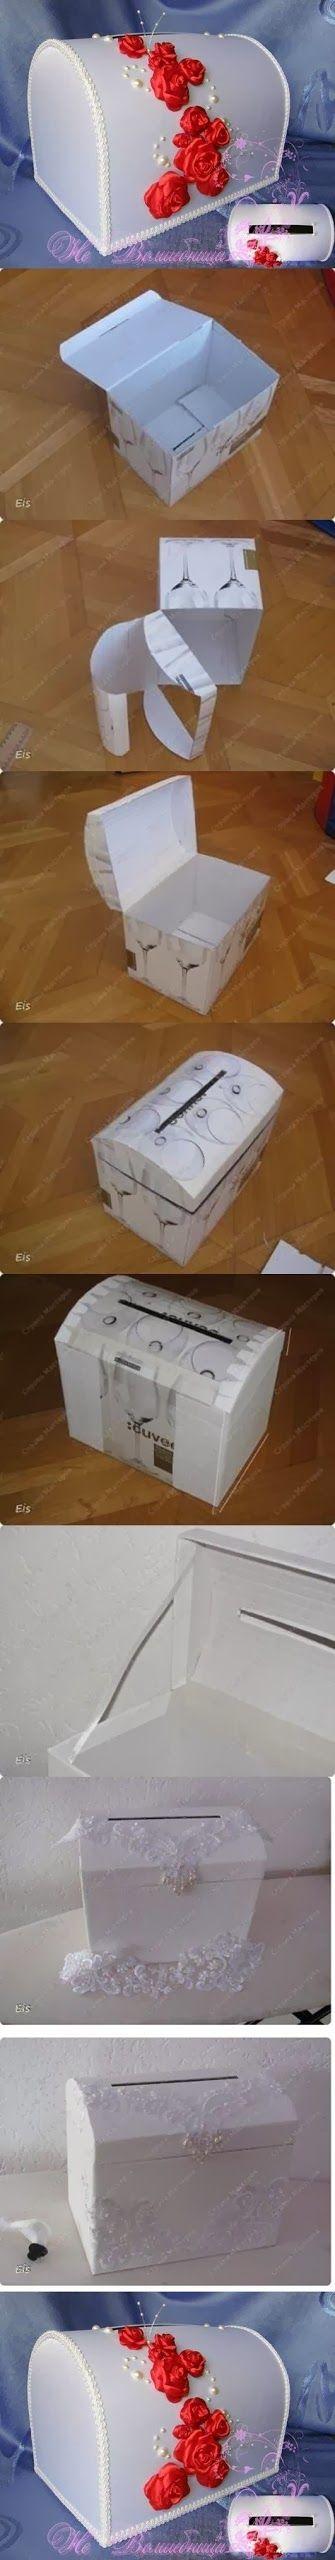 DIY : Cardboard Box Art